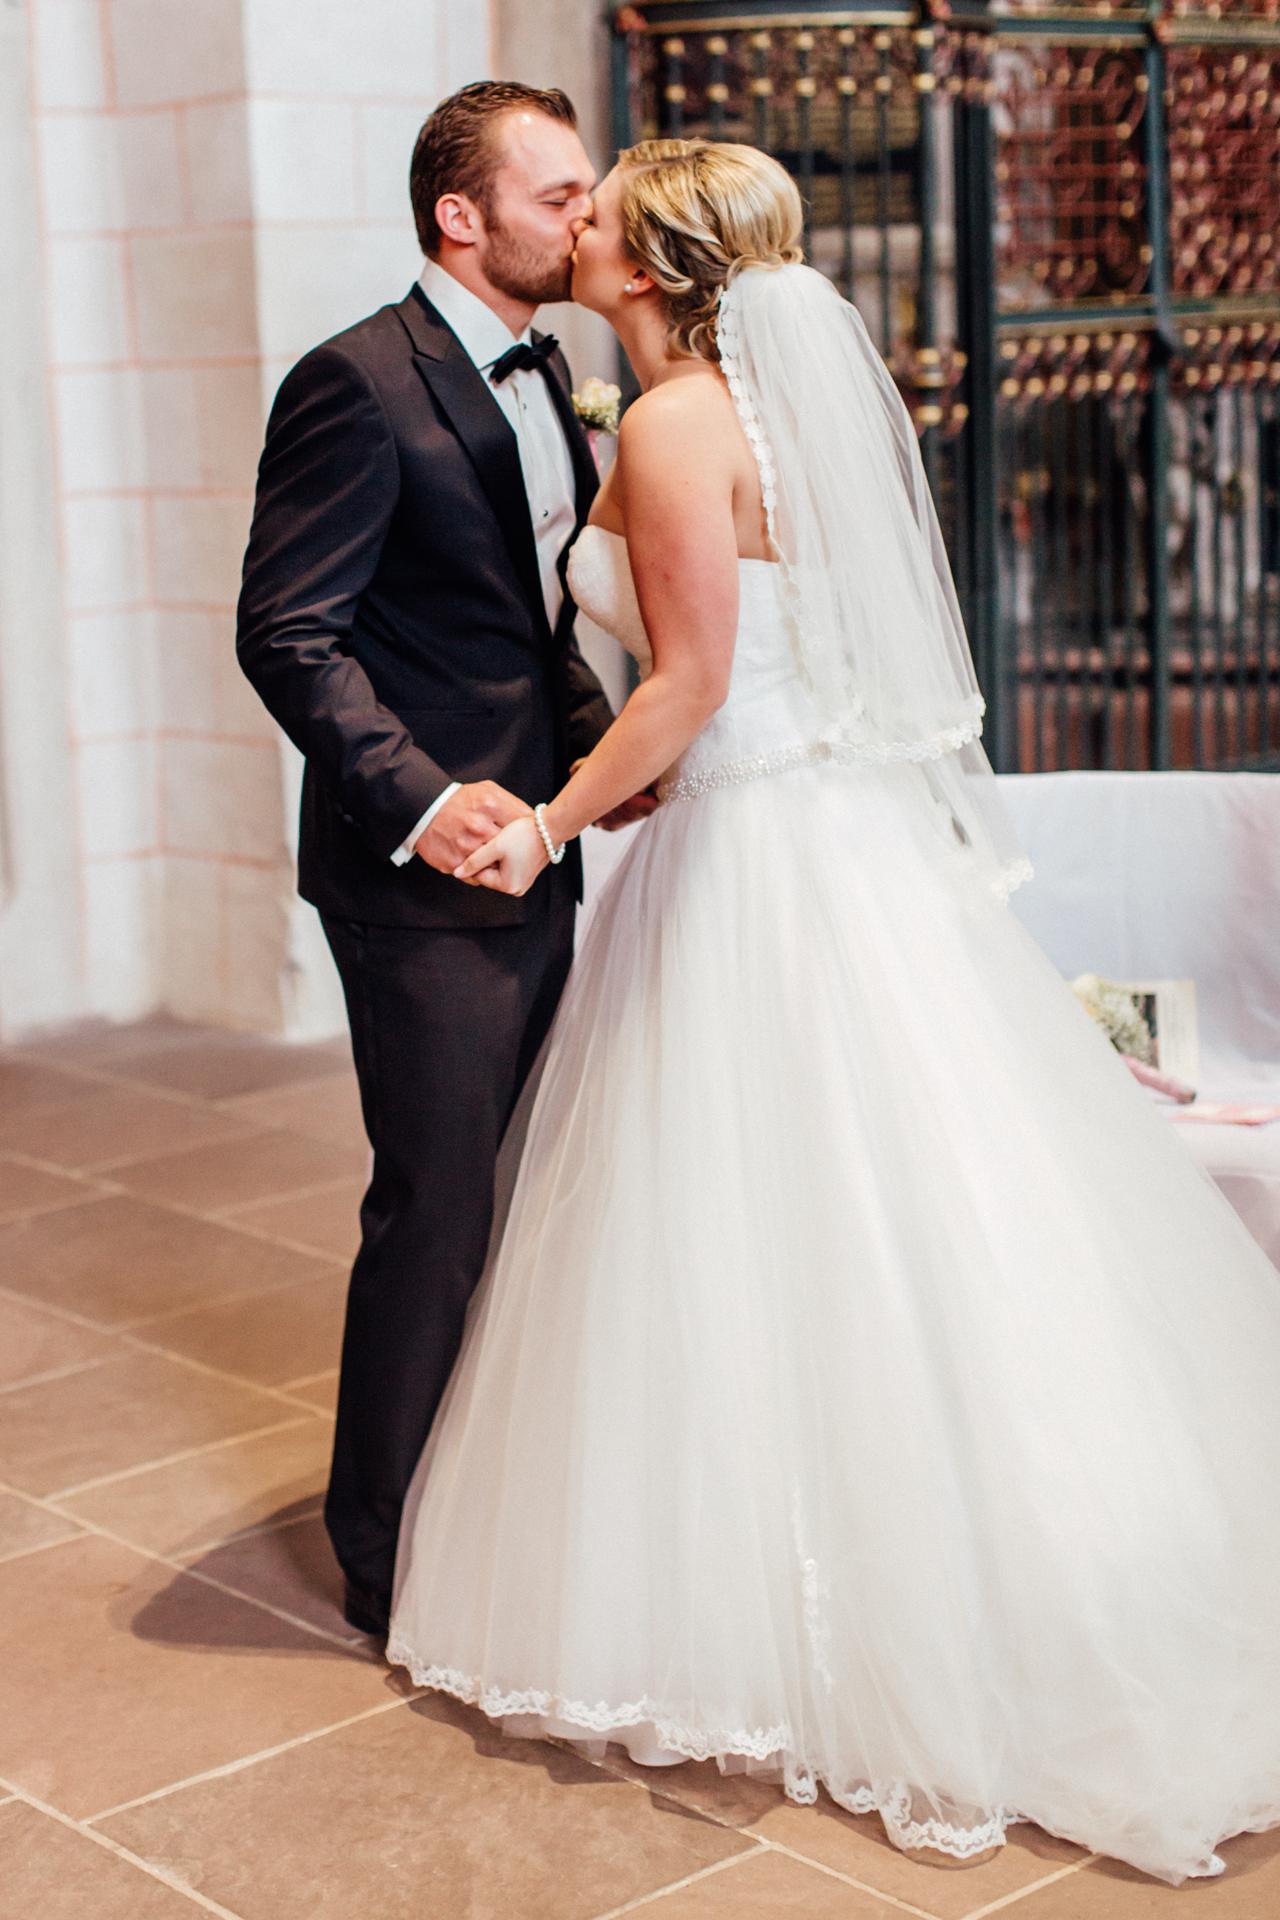 Hochzeit Eventscheune Dagobertshausen - Julia & Florian - Sandra Socha Fotografie - 33a